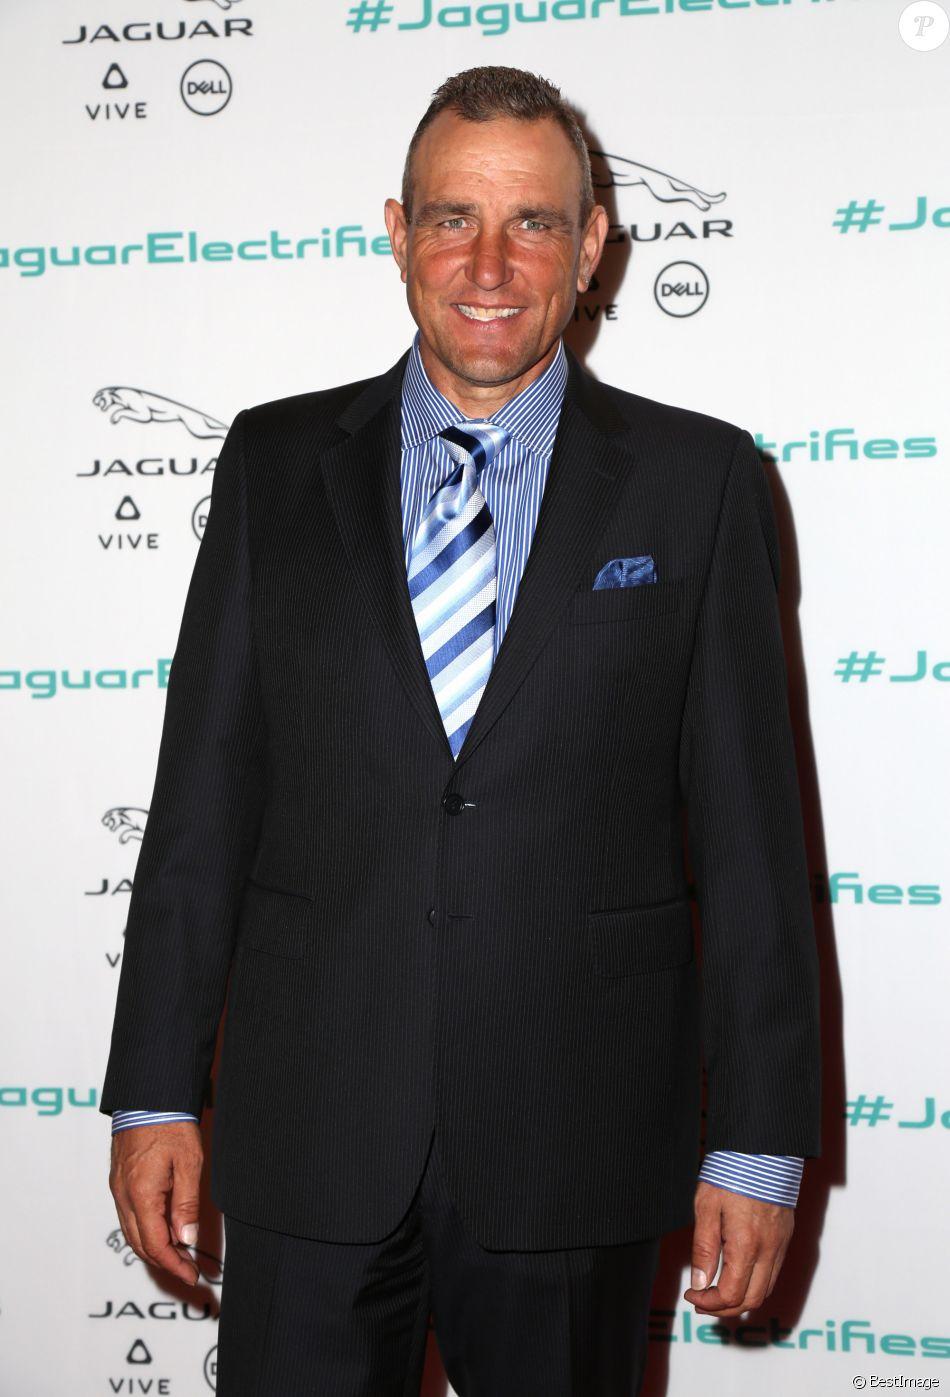 Vinnie Jones à la soirée 'Jaguar For The Next Era' aux studios Milk à Los Angeles, le 14 novembre 2016